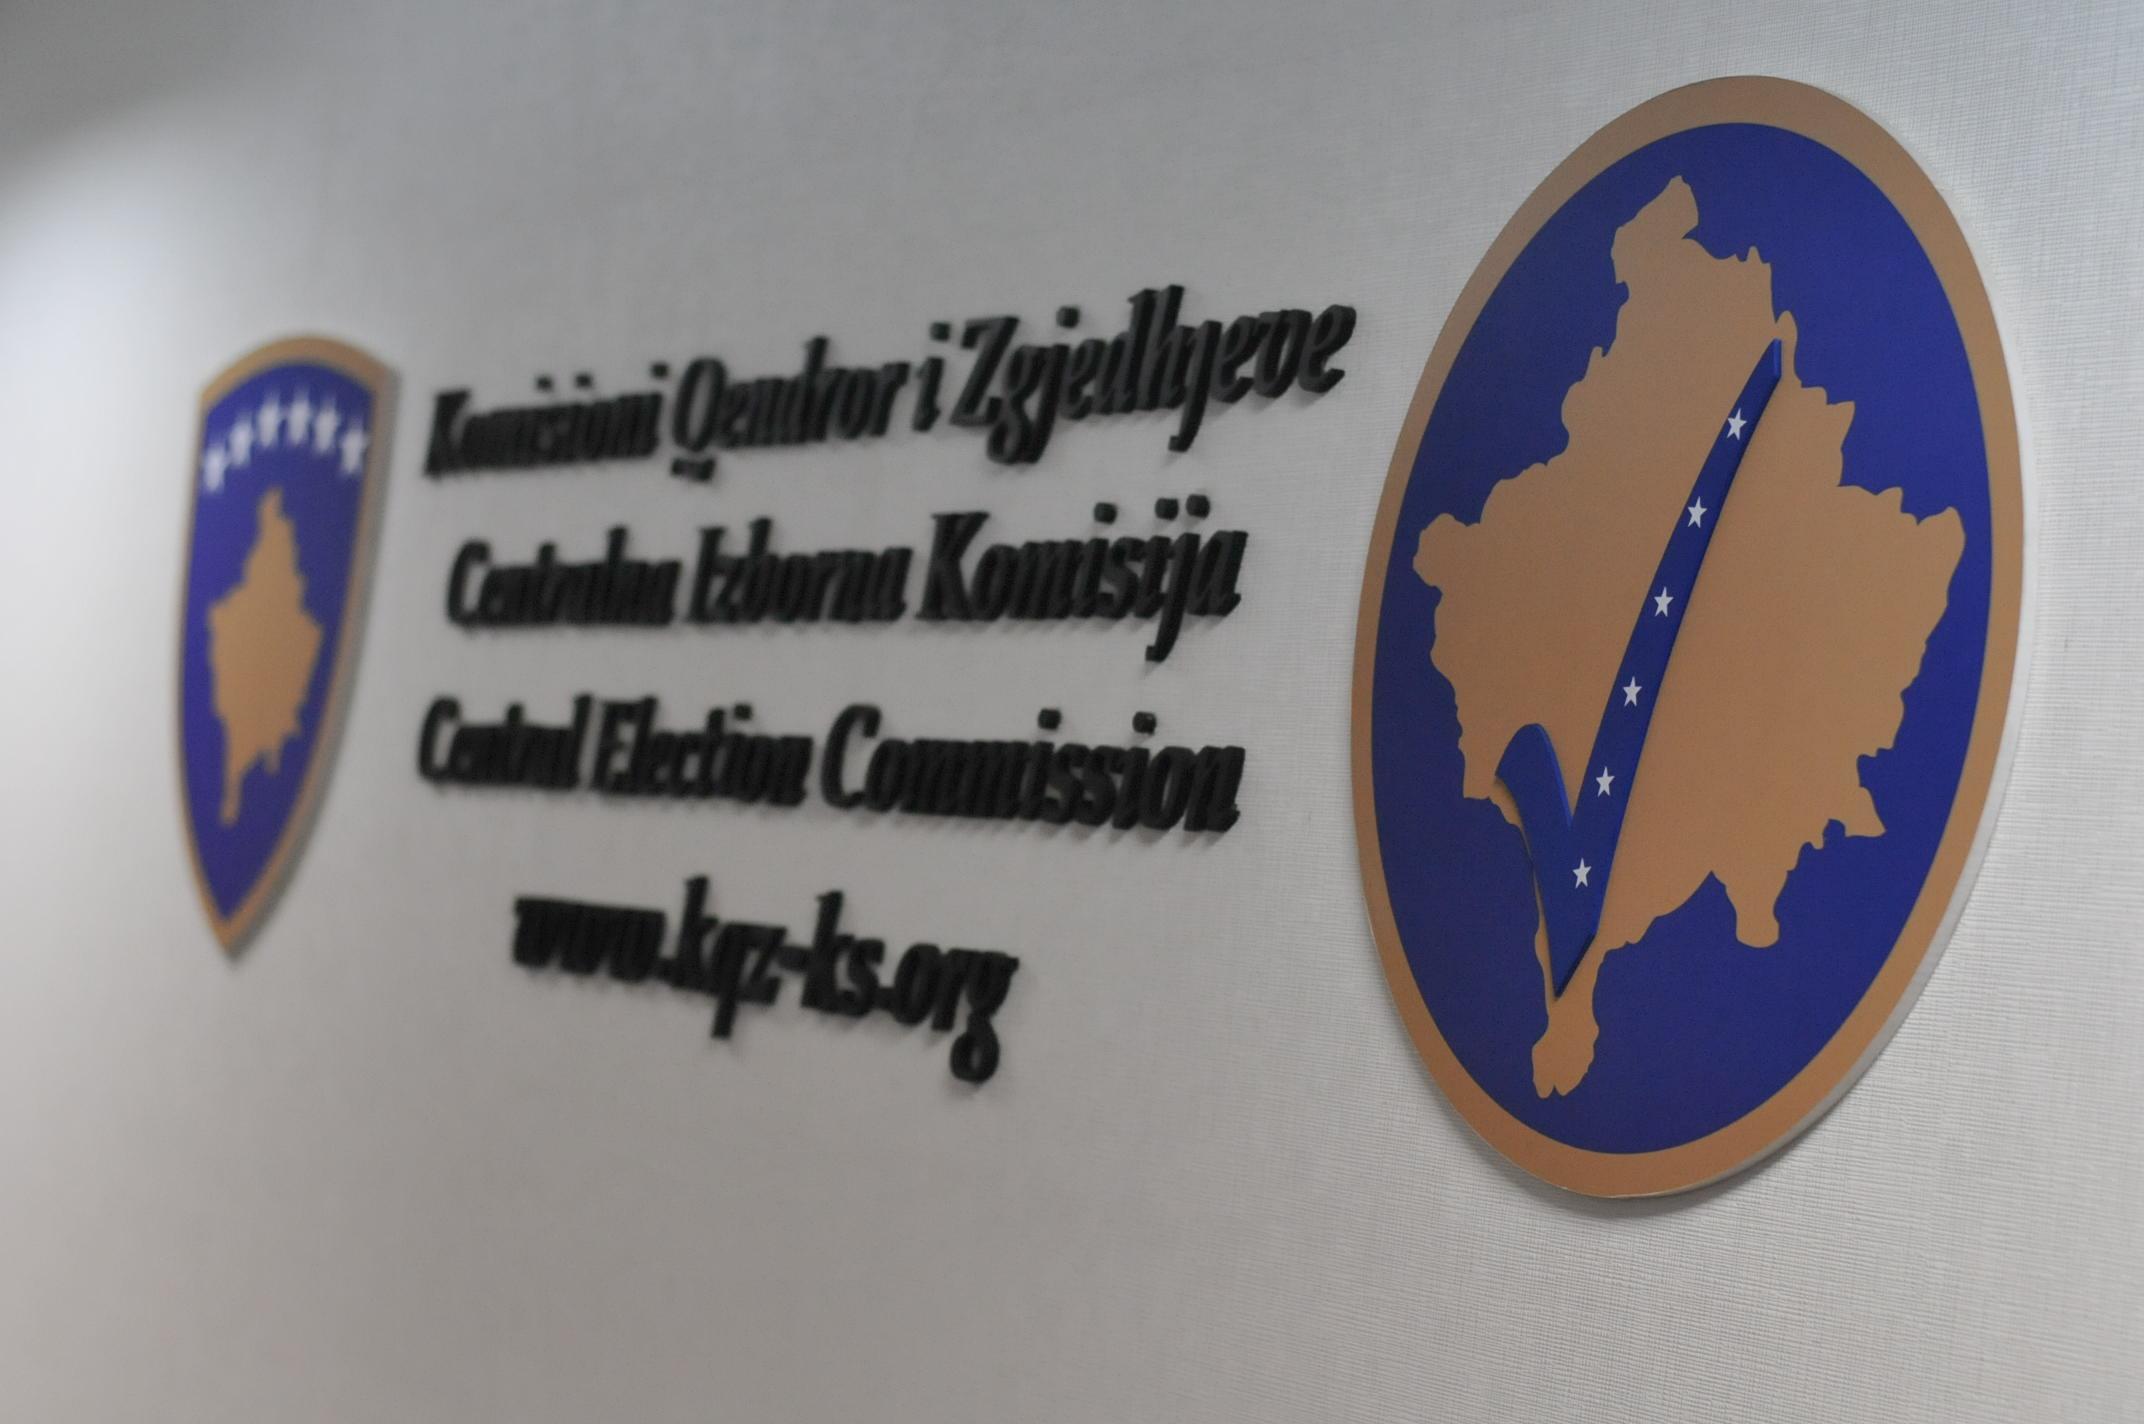 Nuk kalon në KQZ rekomandimi për cerifikimin në pako të listave të partive politike